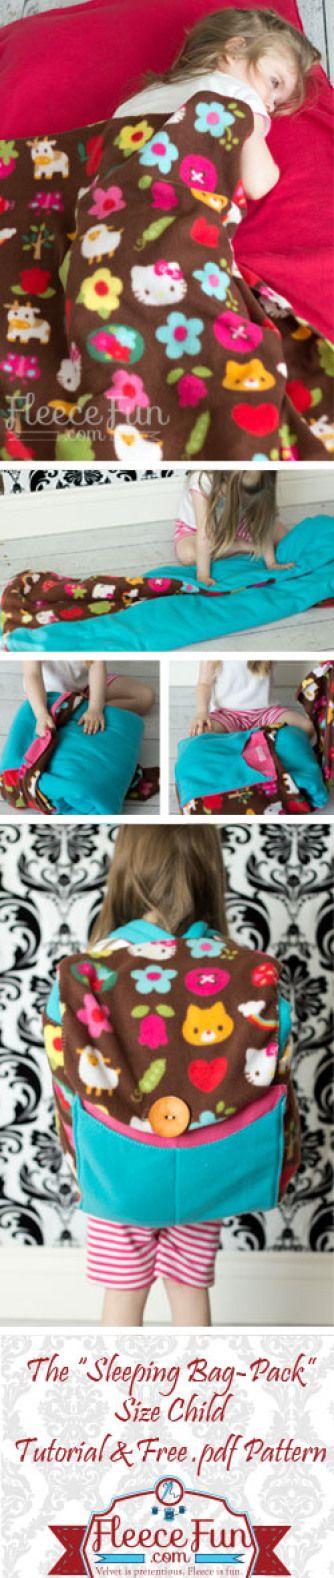 Como Costurar Sleeping Bag / Mochila + Free padrão de uma criança